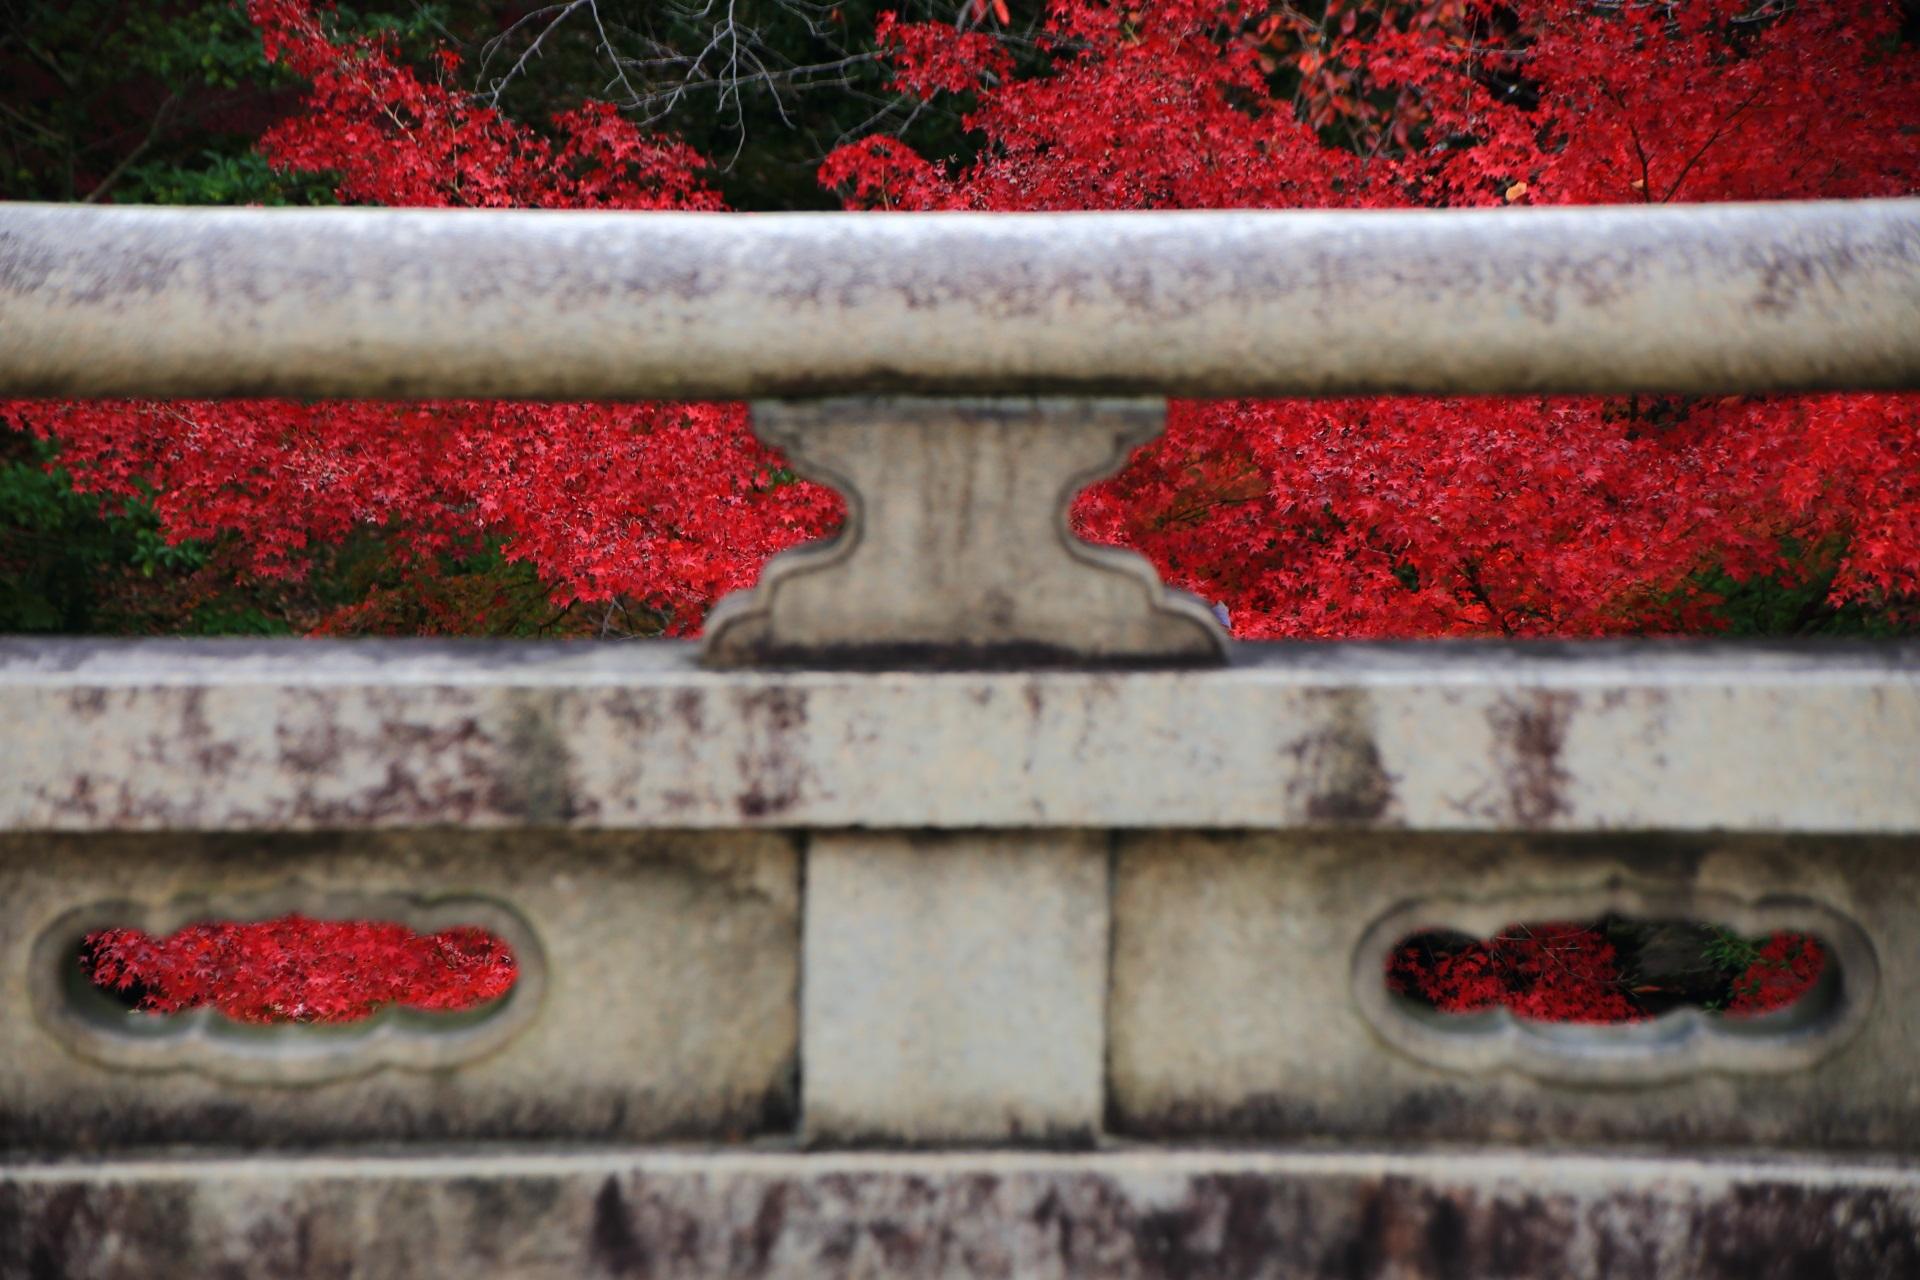 大谷本廟の石橋の欄干から見える艶やかな紅葉